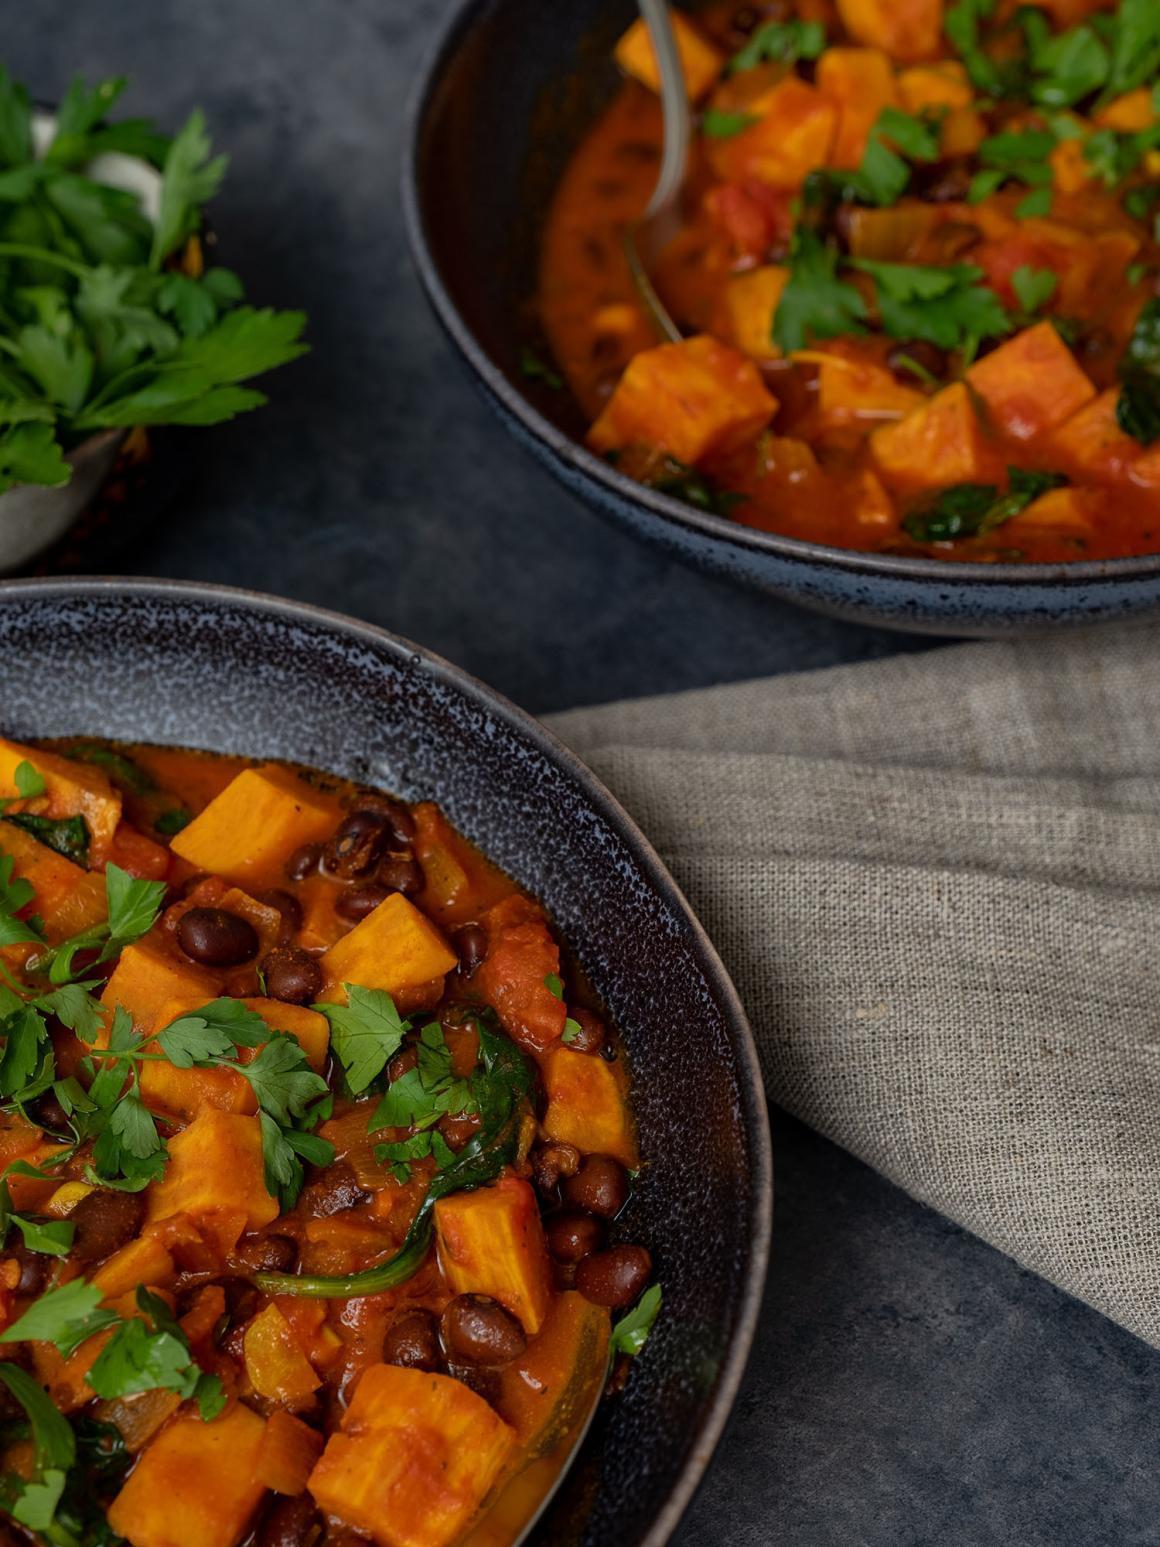 Rezept Süßkartoffeleintopf mit Kidney Bohnen und Spinat, Eintopf, Teller, Serviette